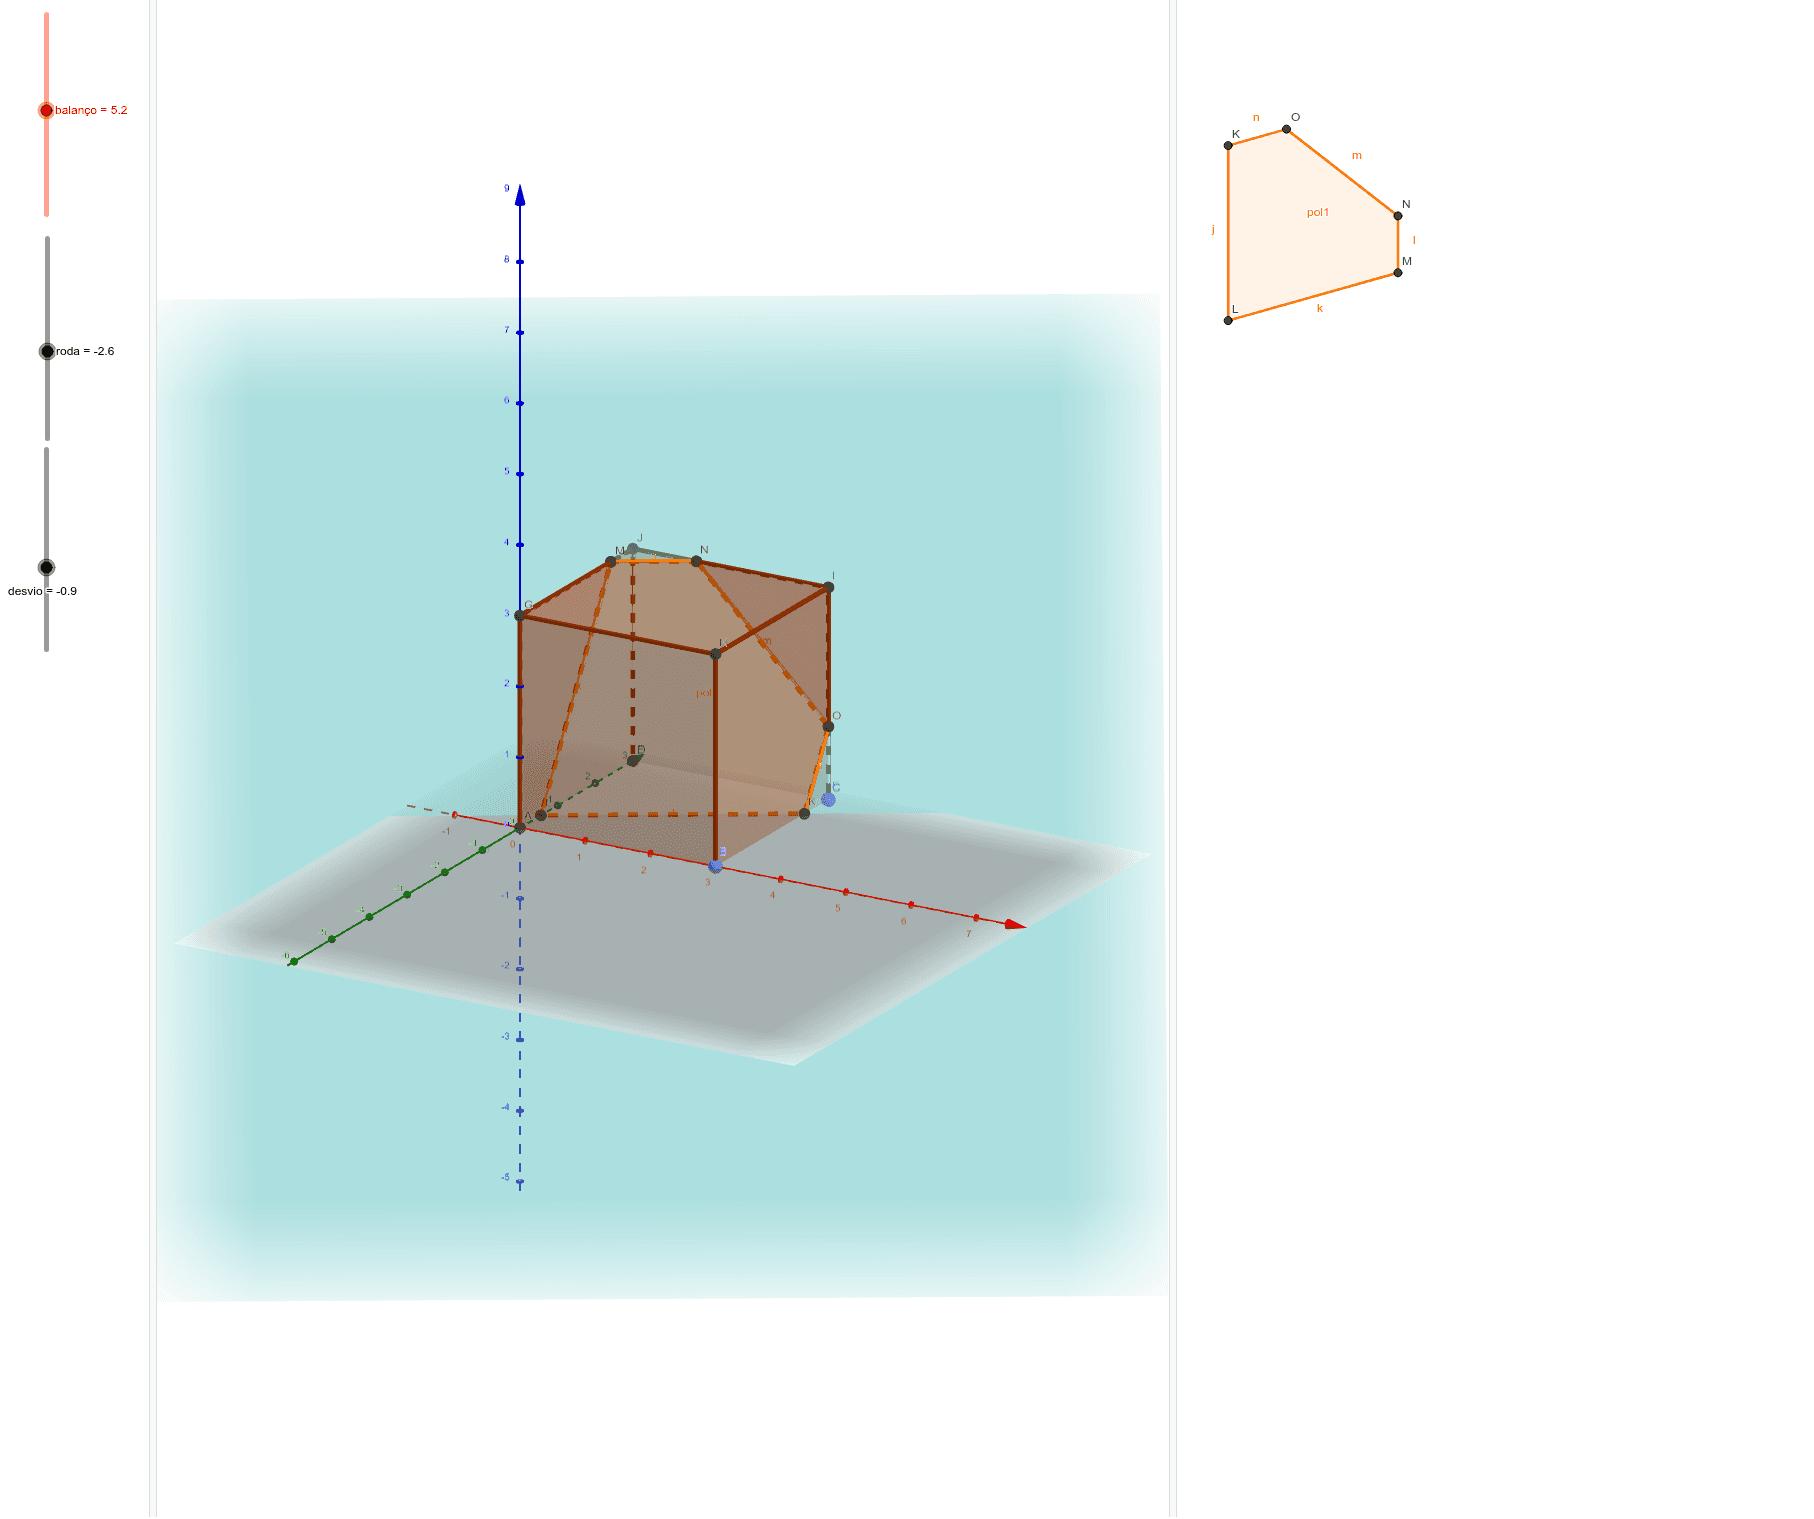 Interseção de um plano com um cubo Pressione Enter para iniciar a atividade